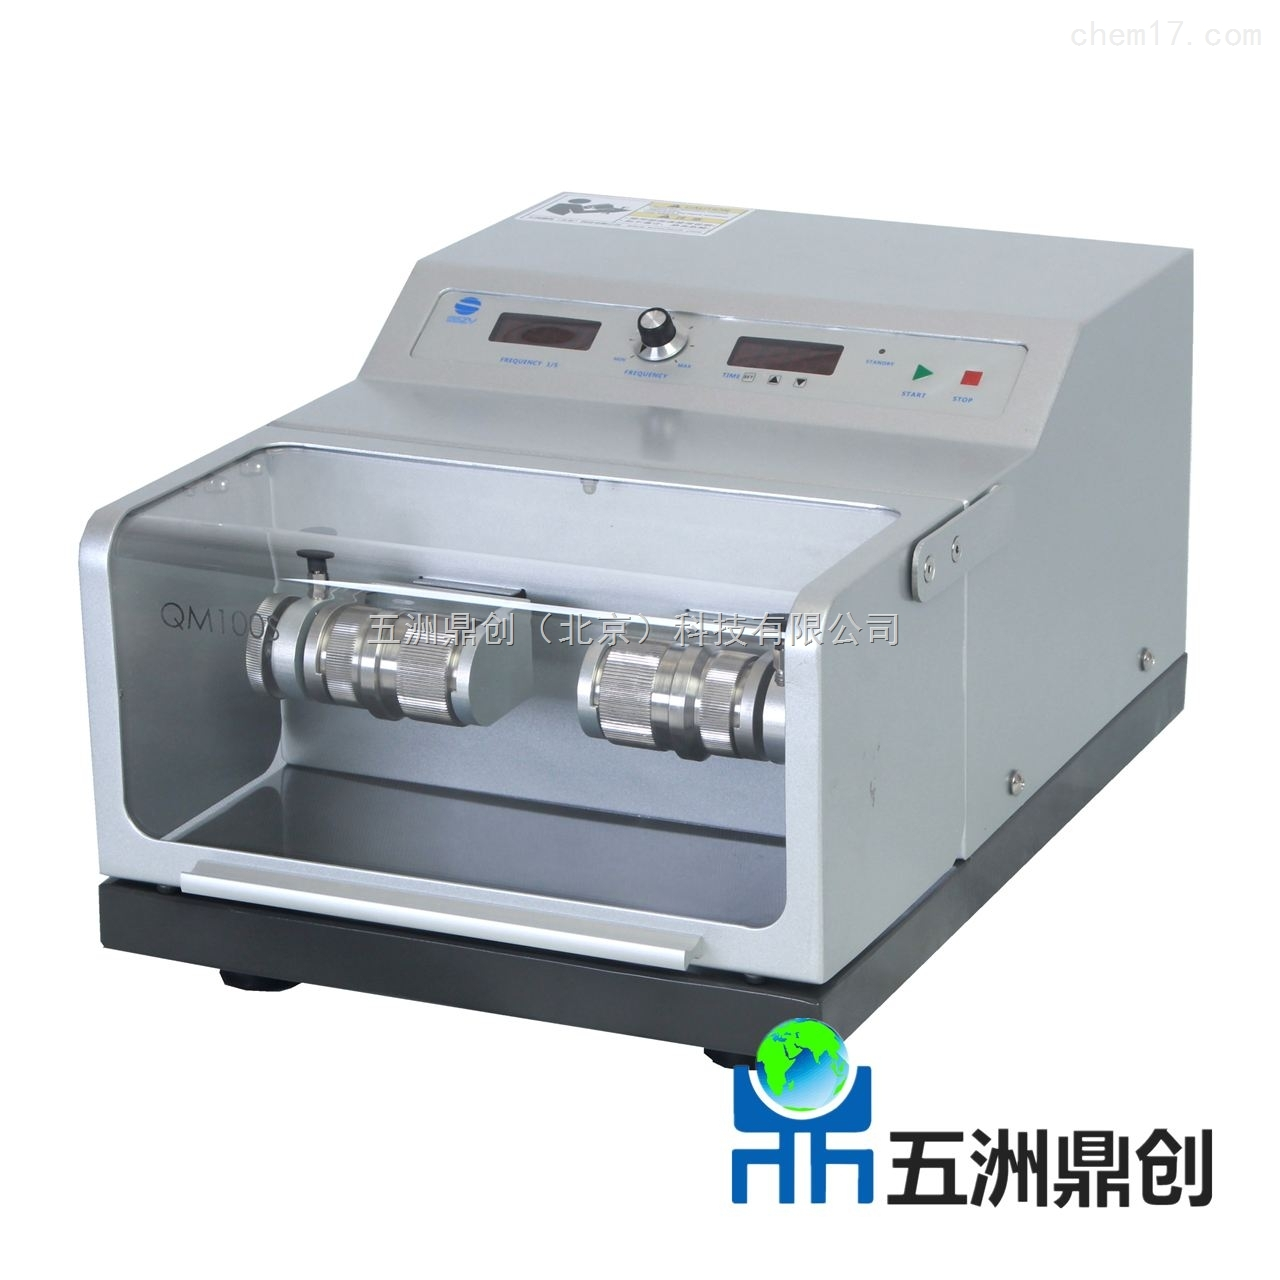 QM100S北京冷冻混合球磨机组织研磨仪